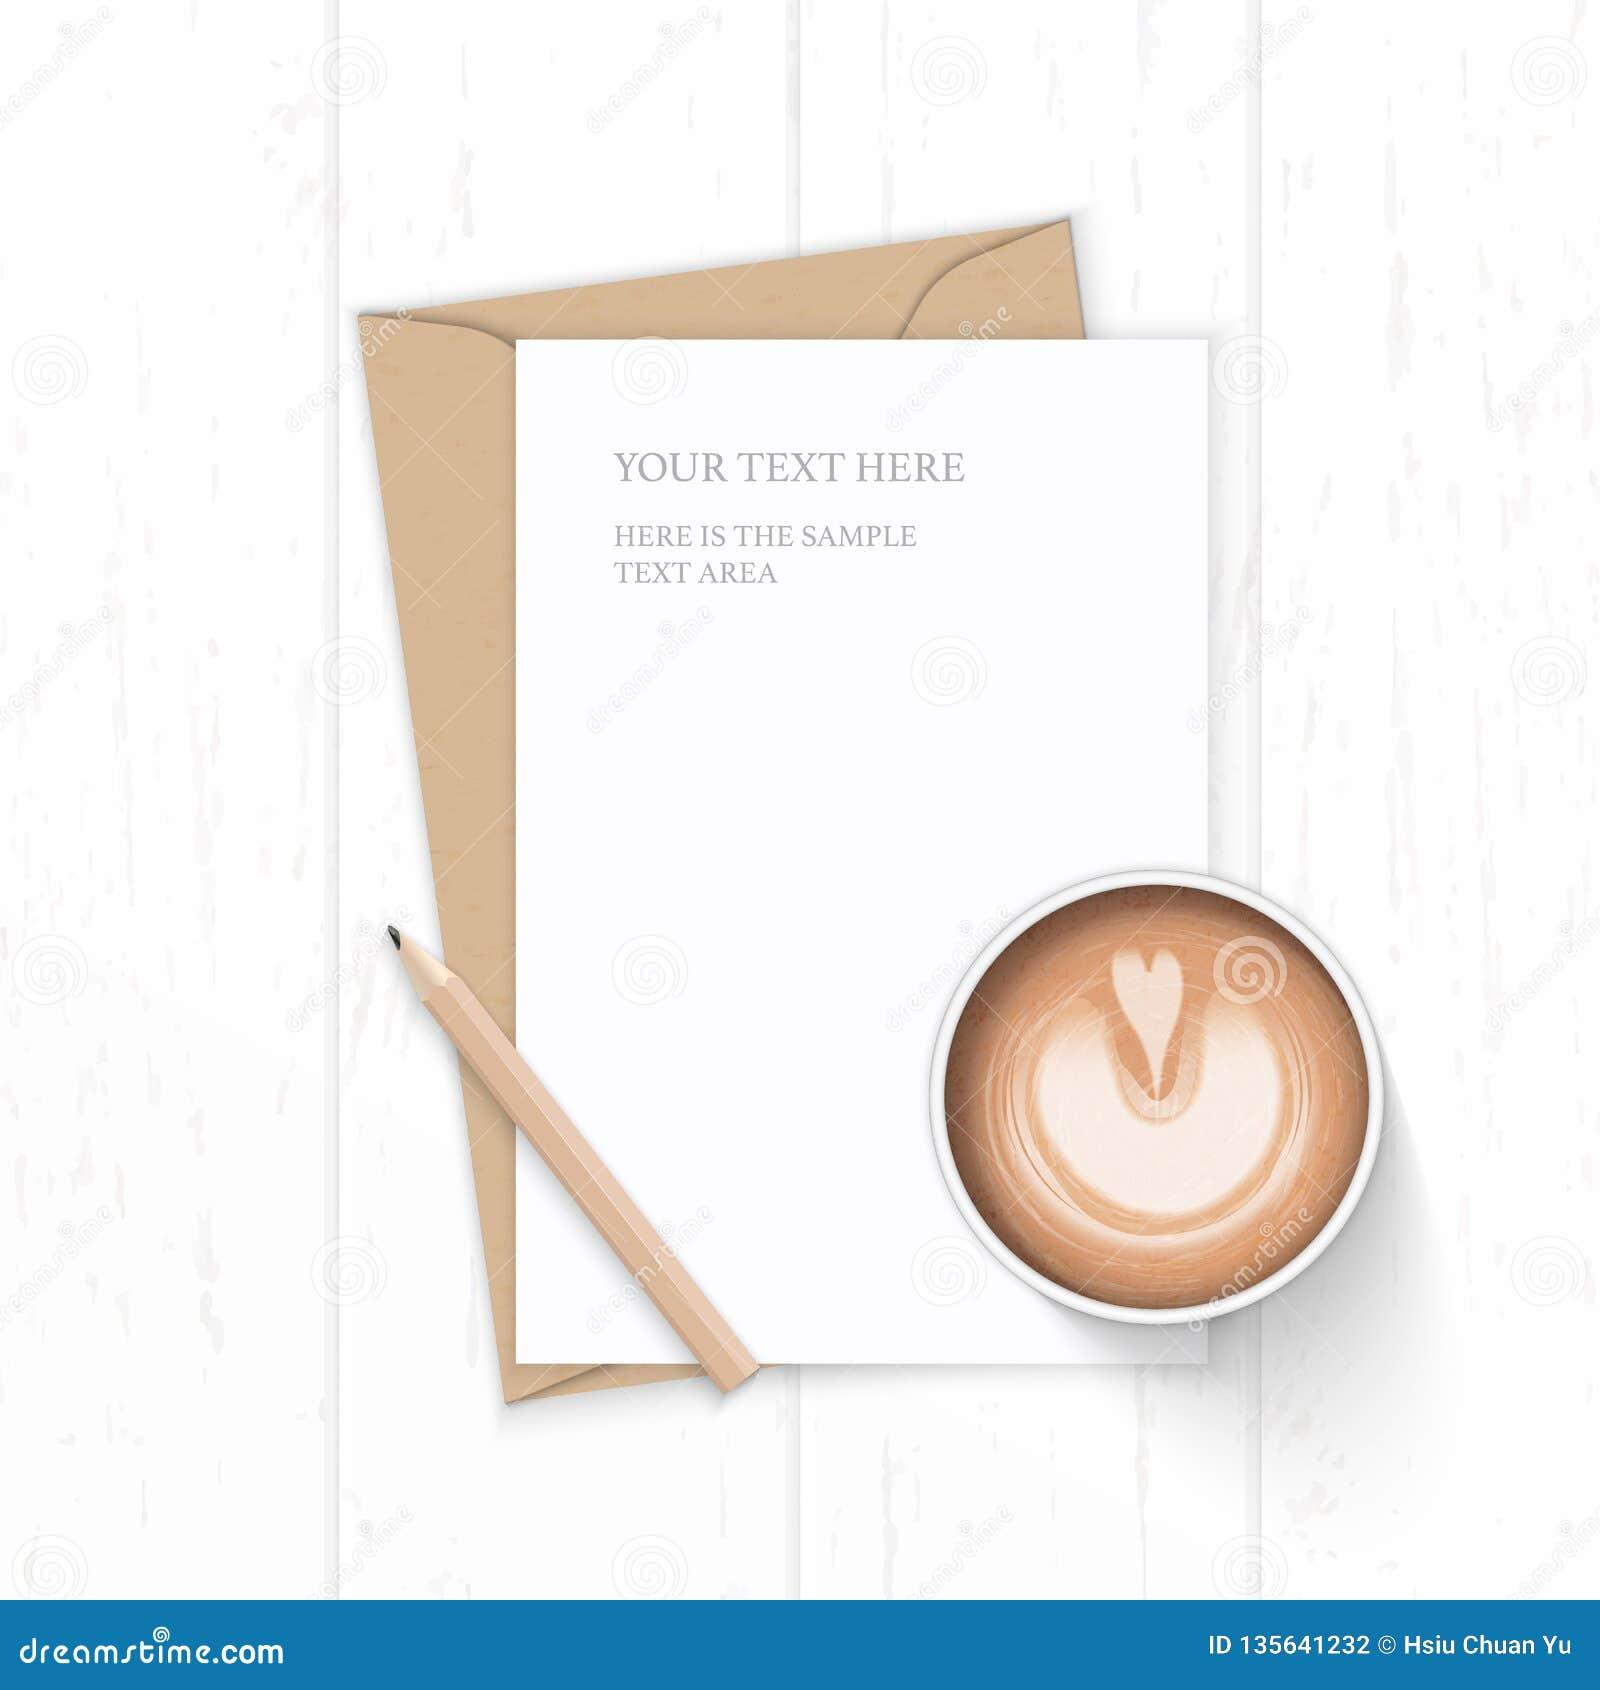 Επίπεδος βάλτε τον κομψούς άσπρους καφέ και το μολύβι φακέλων εγγράφου του Κραφτ επιστολών σύνθεσης τοπ άποψης στο ξύλινο υπόβαθρ